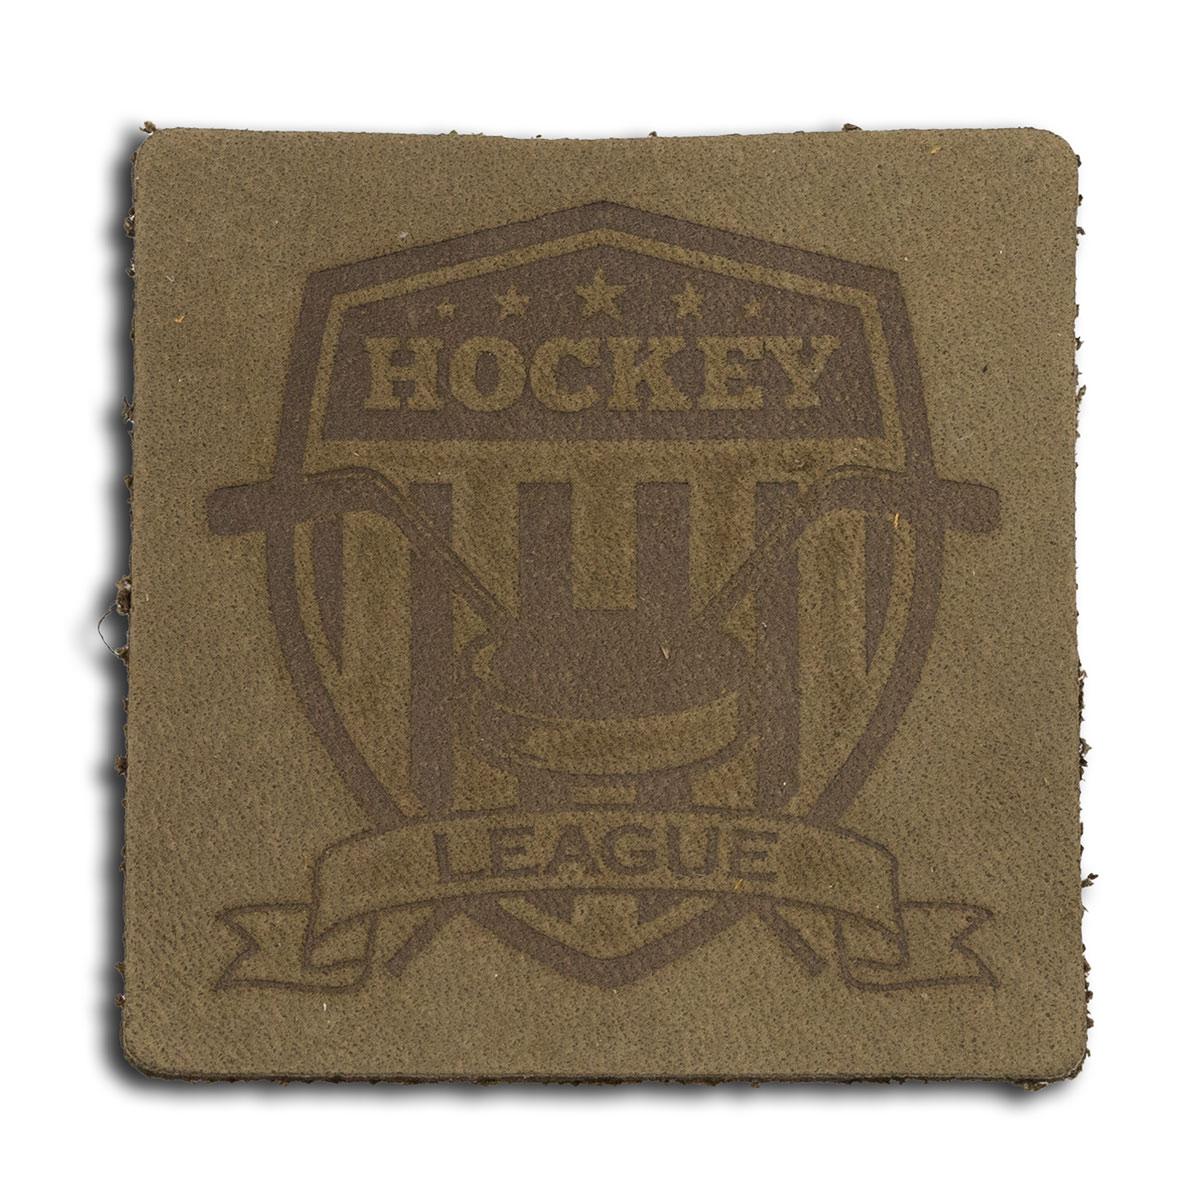 9 Термоаппликация из кожи Хоккей 5*5см, 100%